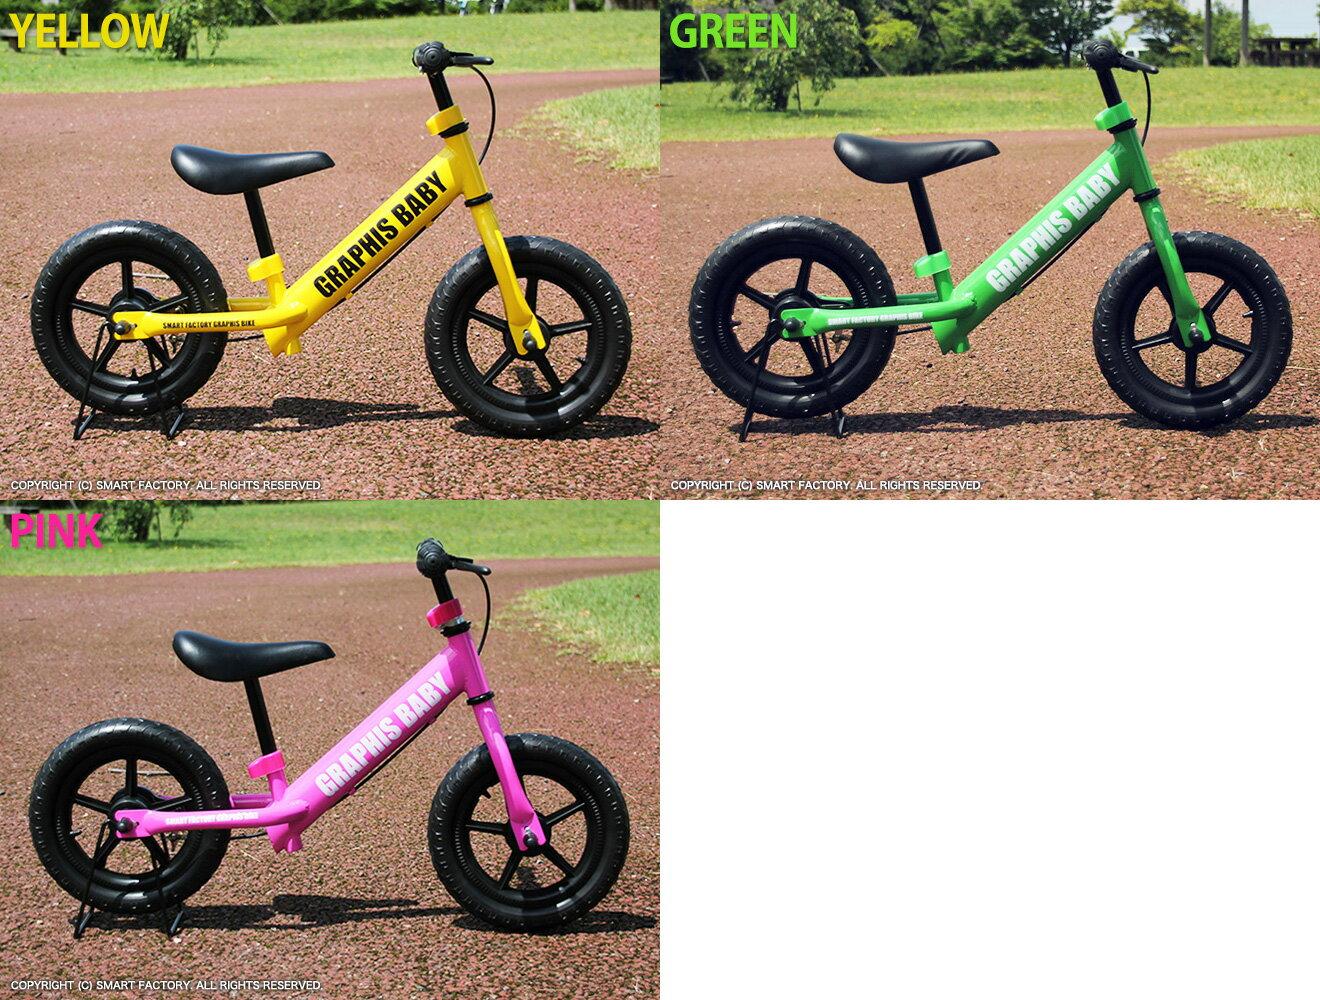 ... 子供用自転車 子供自転車